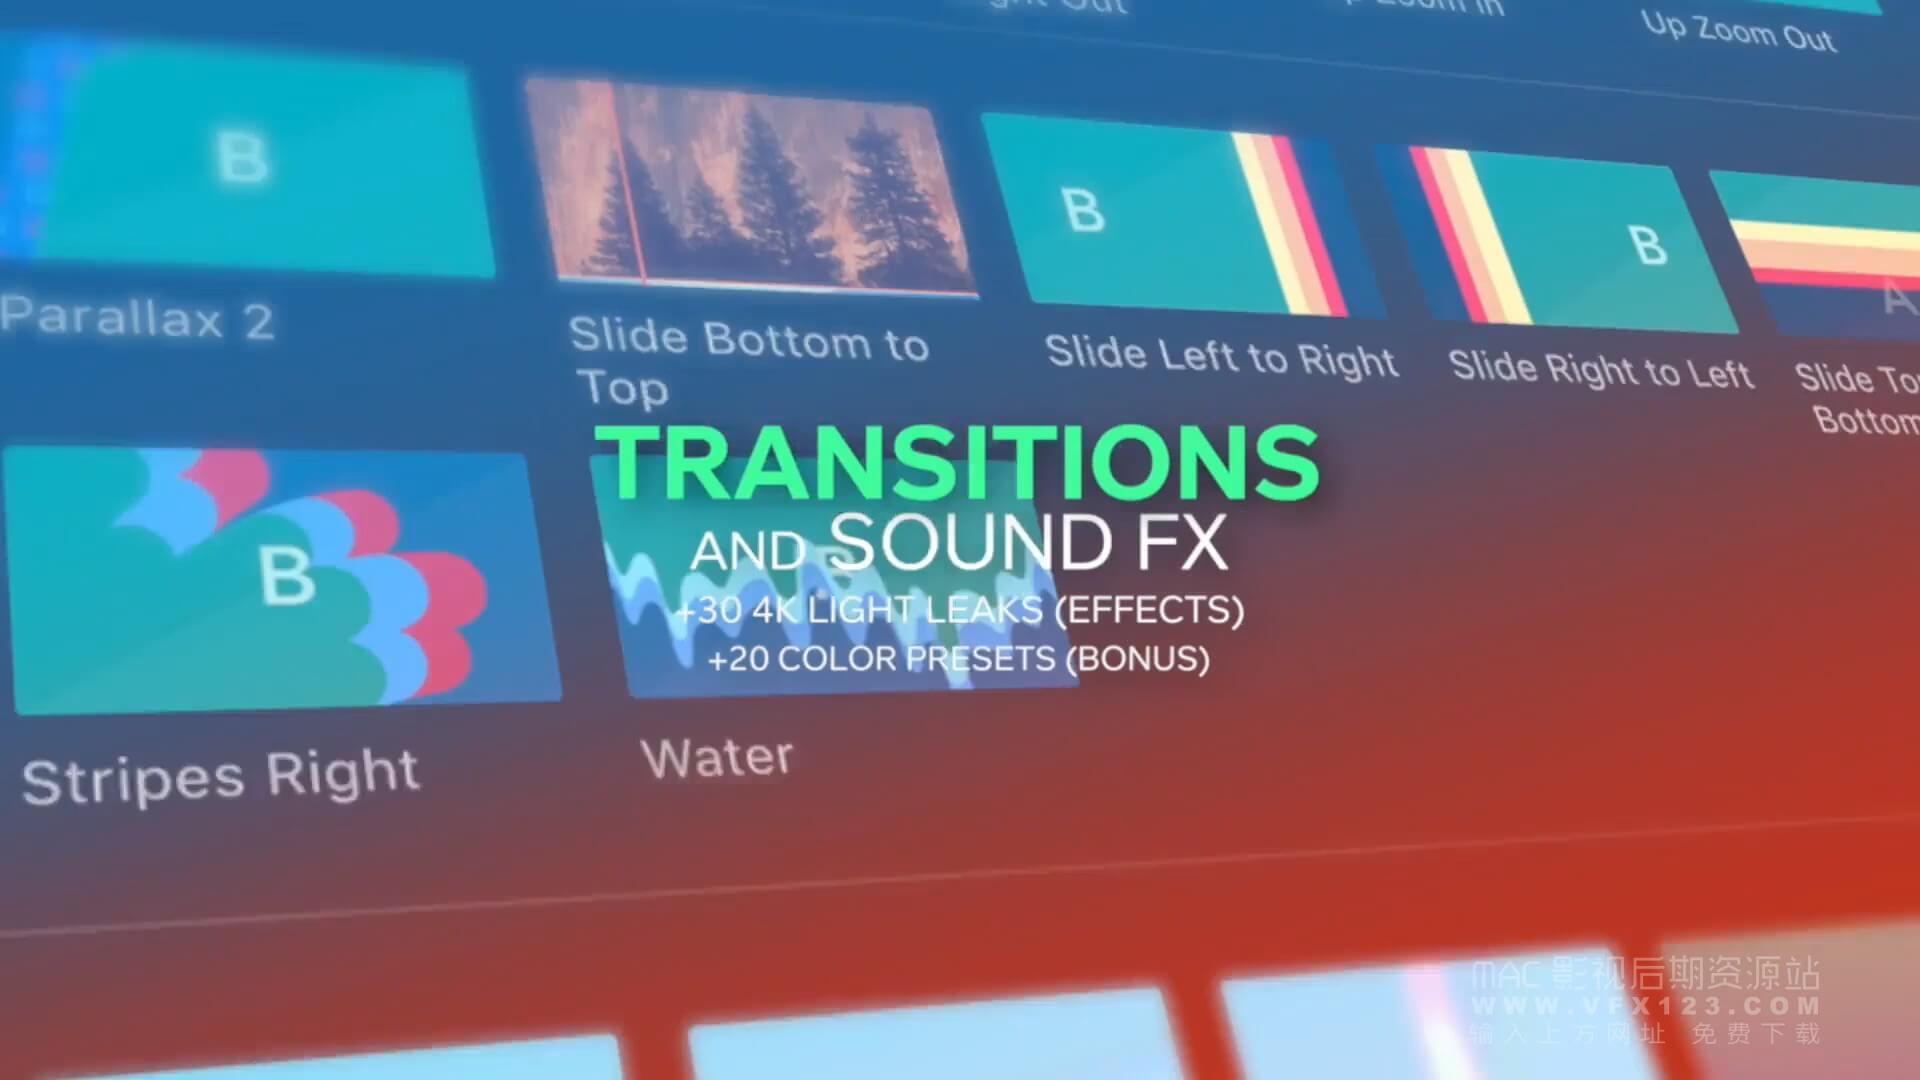 FCPX冲击缩放平移滑动扭曲水墨炫光转场插件 含音效素材(286个)